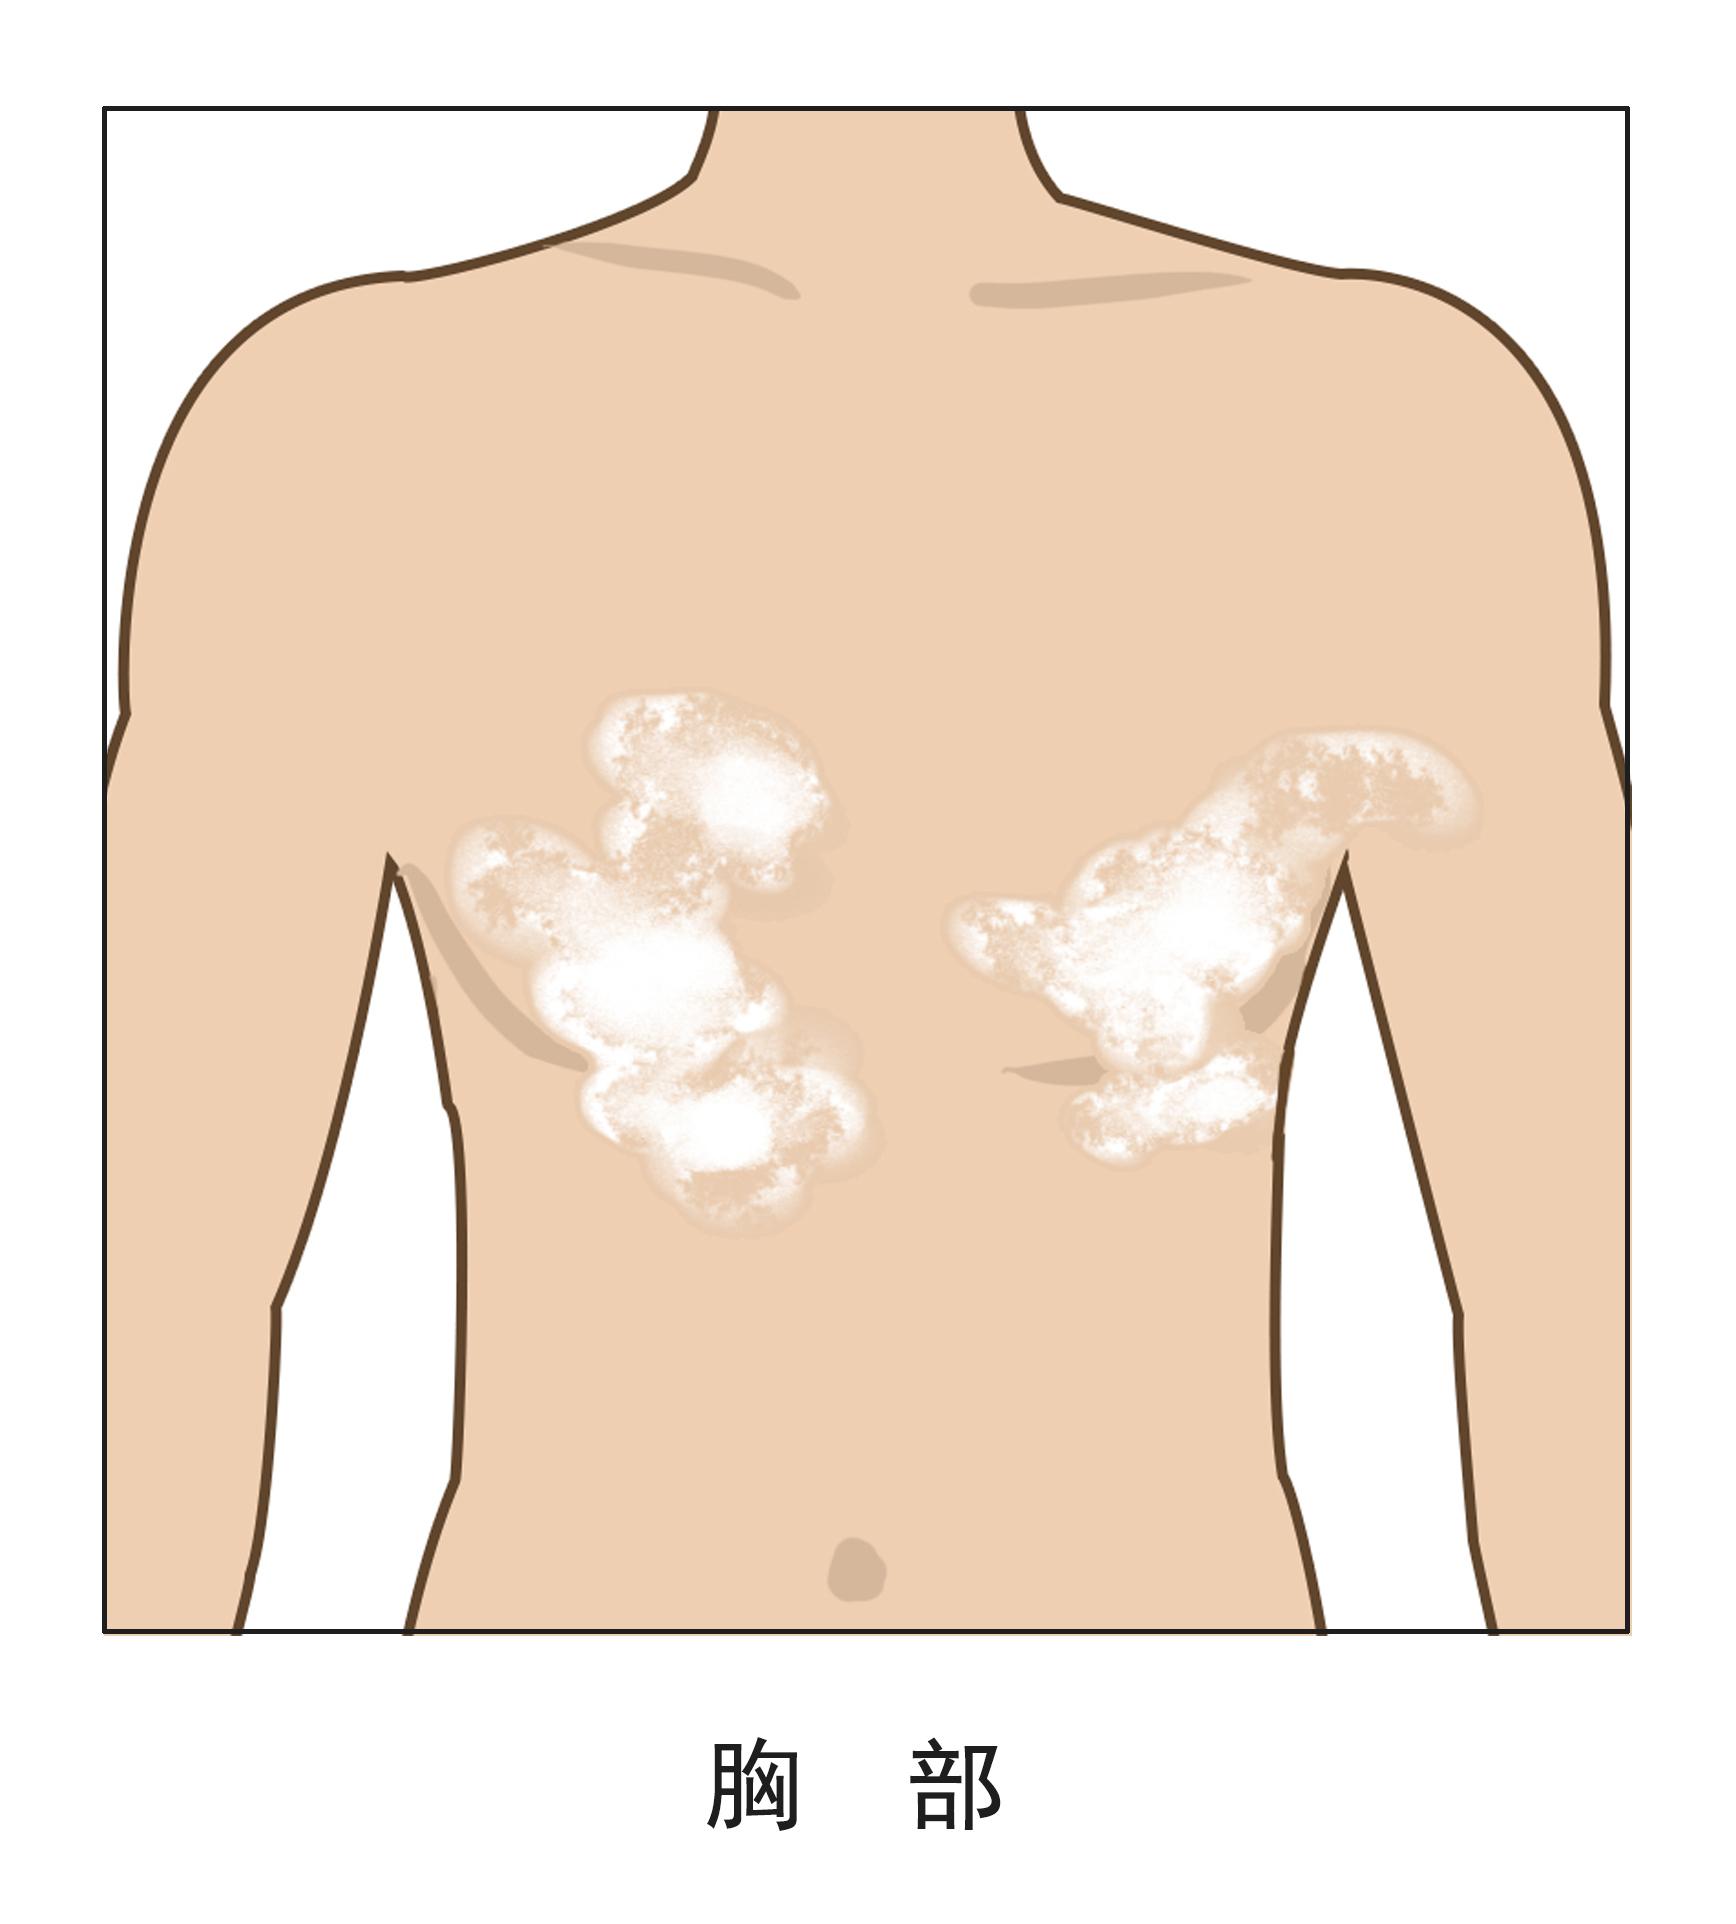 云南白癜风治疗医院:胸部白斑怎么避免扩散